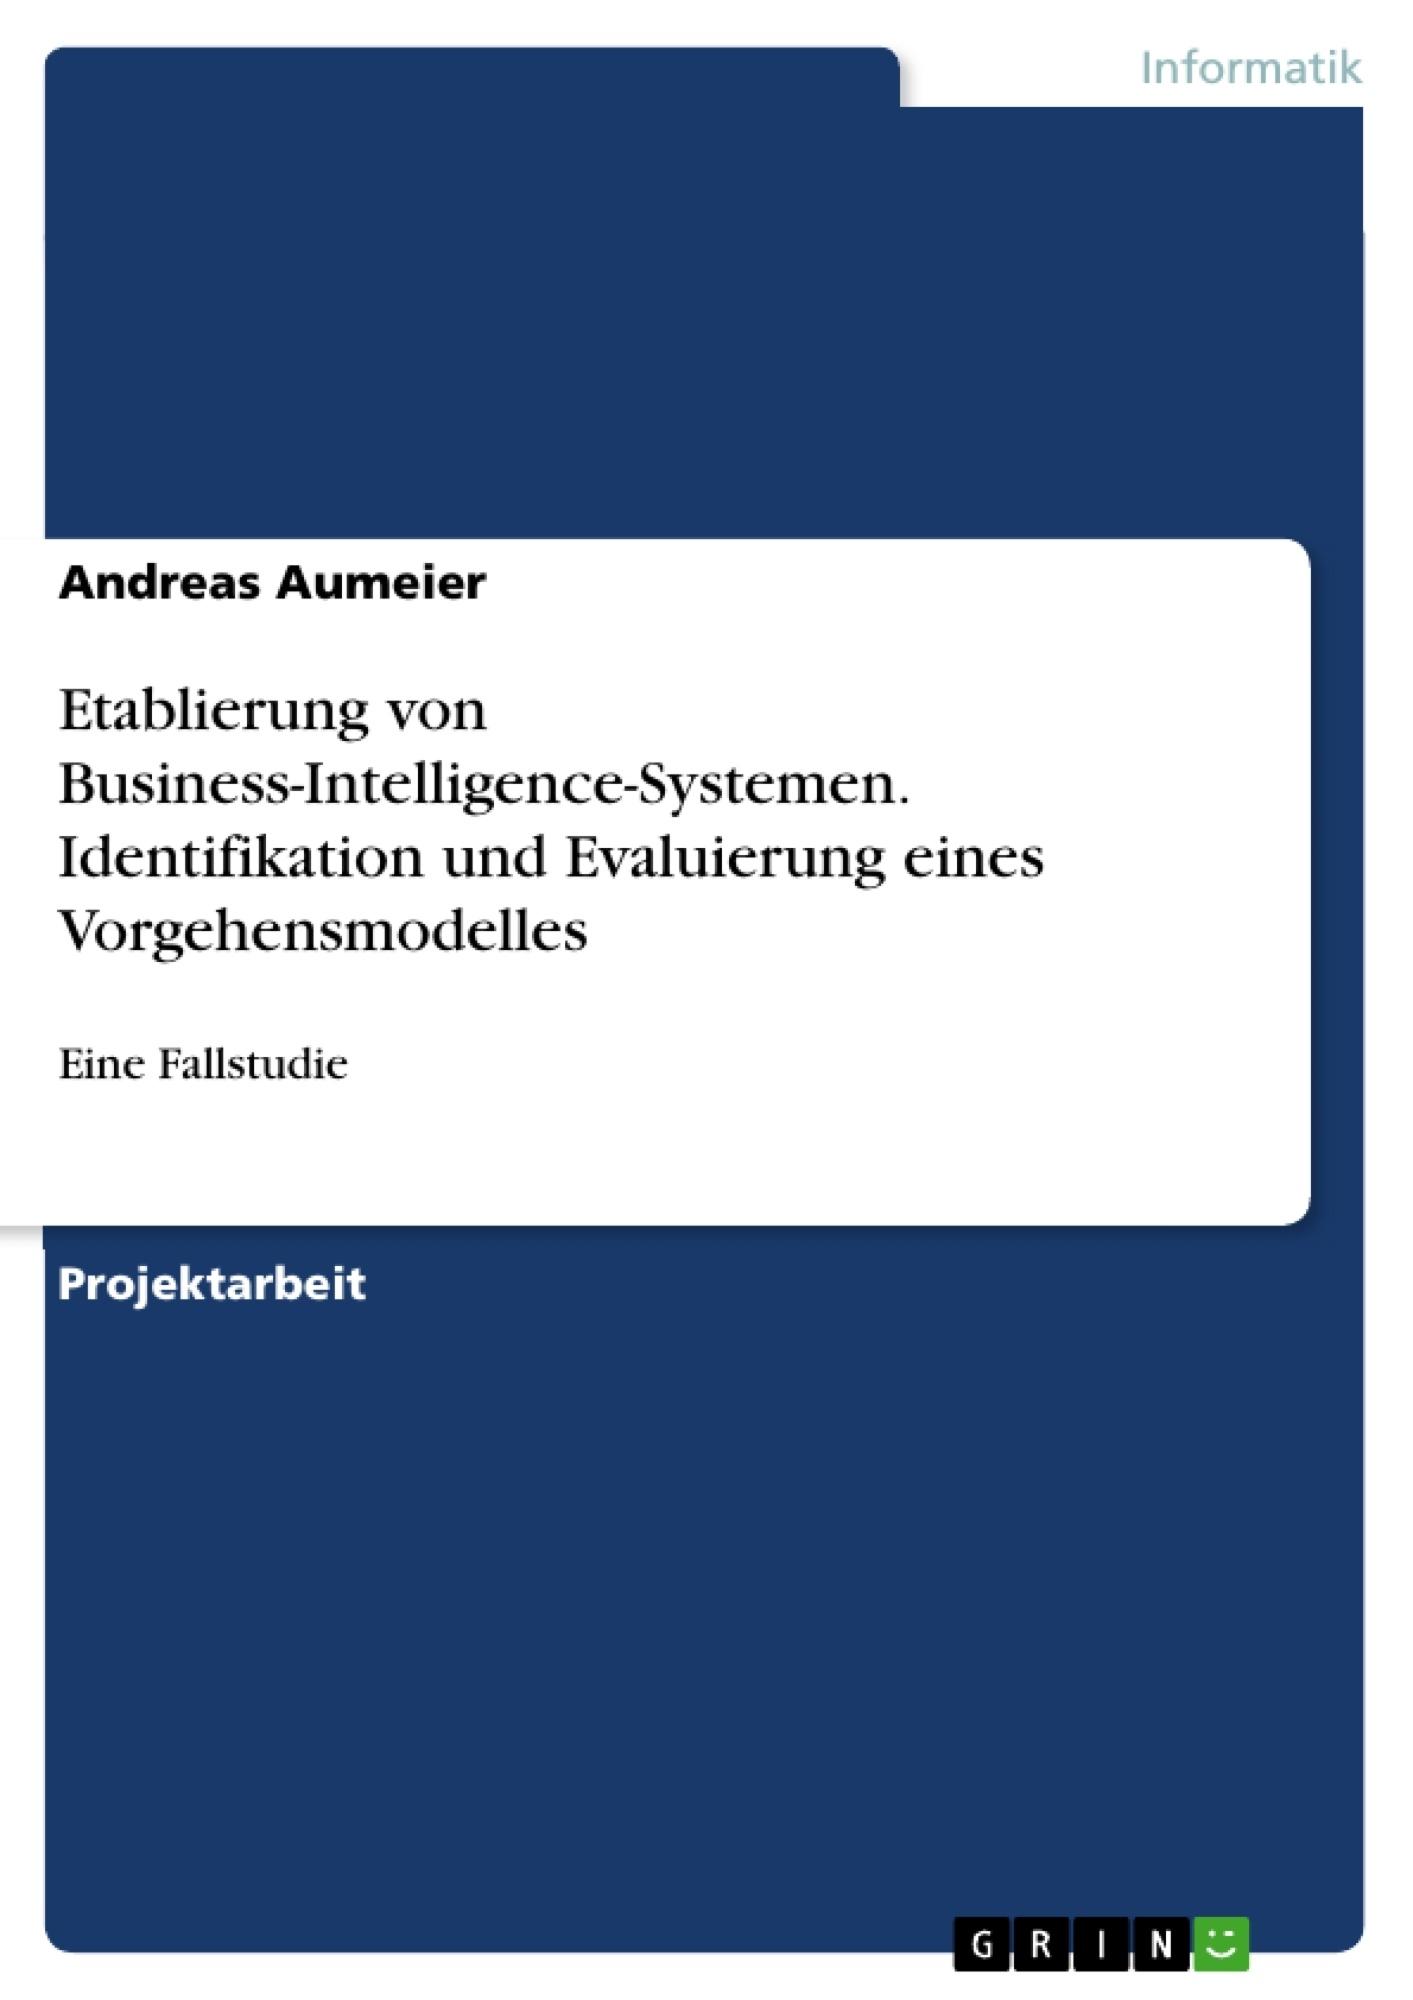 Titel: Etablierung von Business-Intelligence-Systemen. Identifikation und Evaluierung eines Vorgehensmodelles